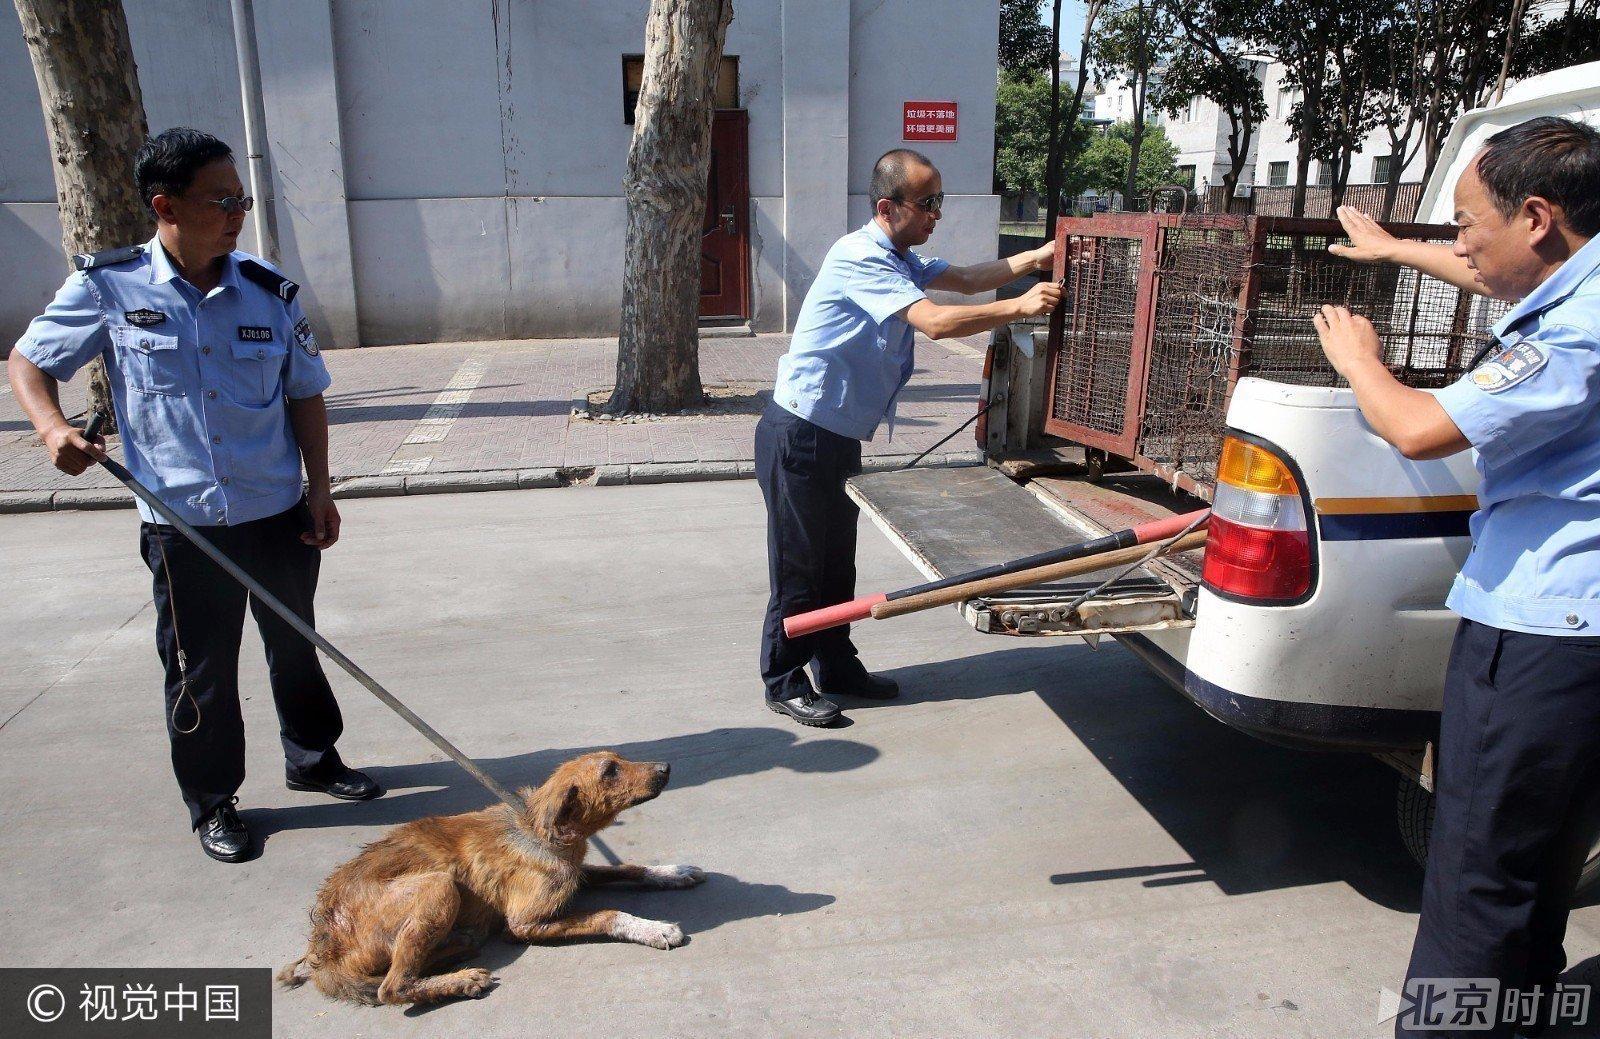 【转】北京时间       西安32岁女子狂犬病发作身亡 全城打狗 - 妙康居士 - 妙康居士~晴樵雪读的博客